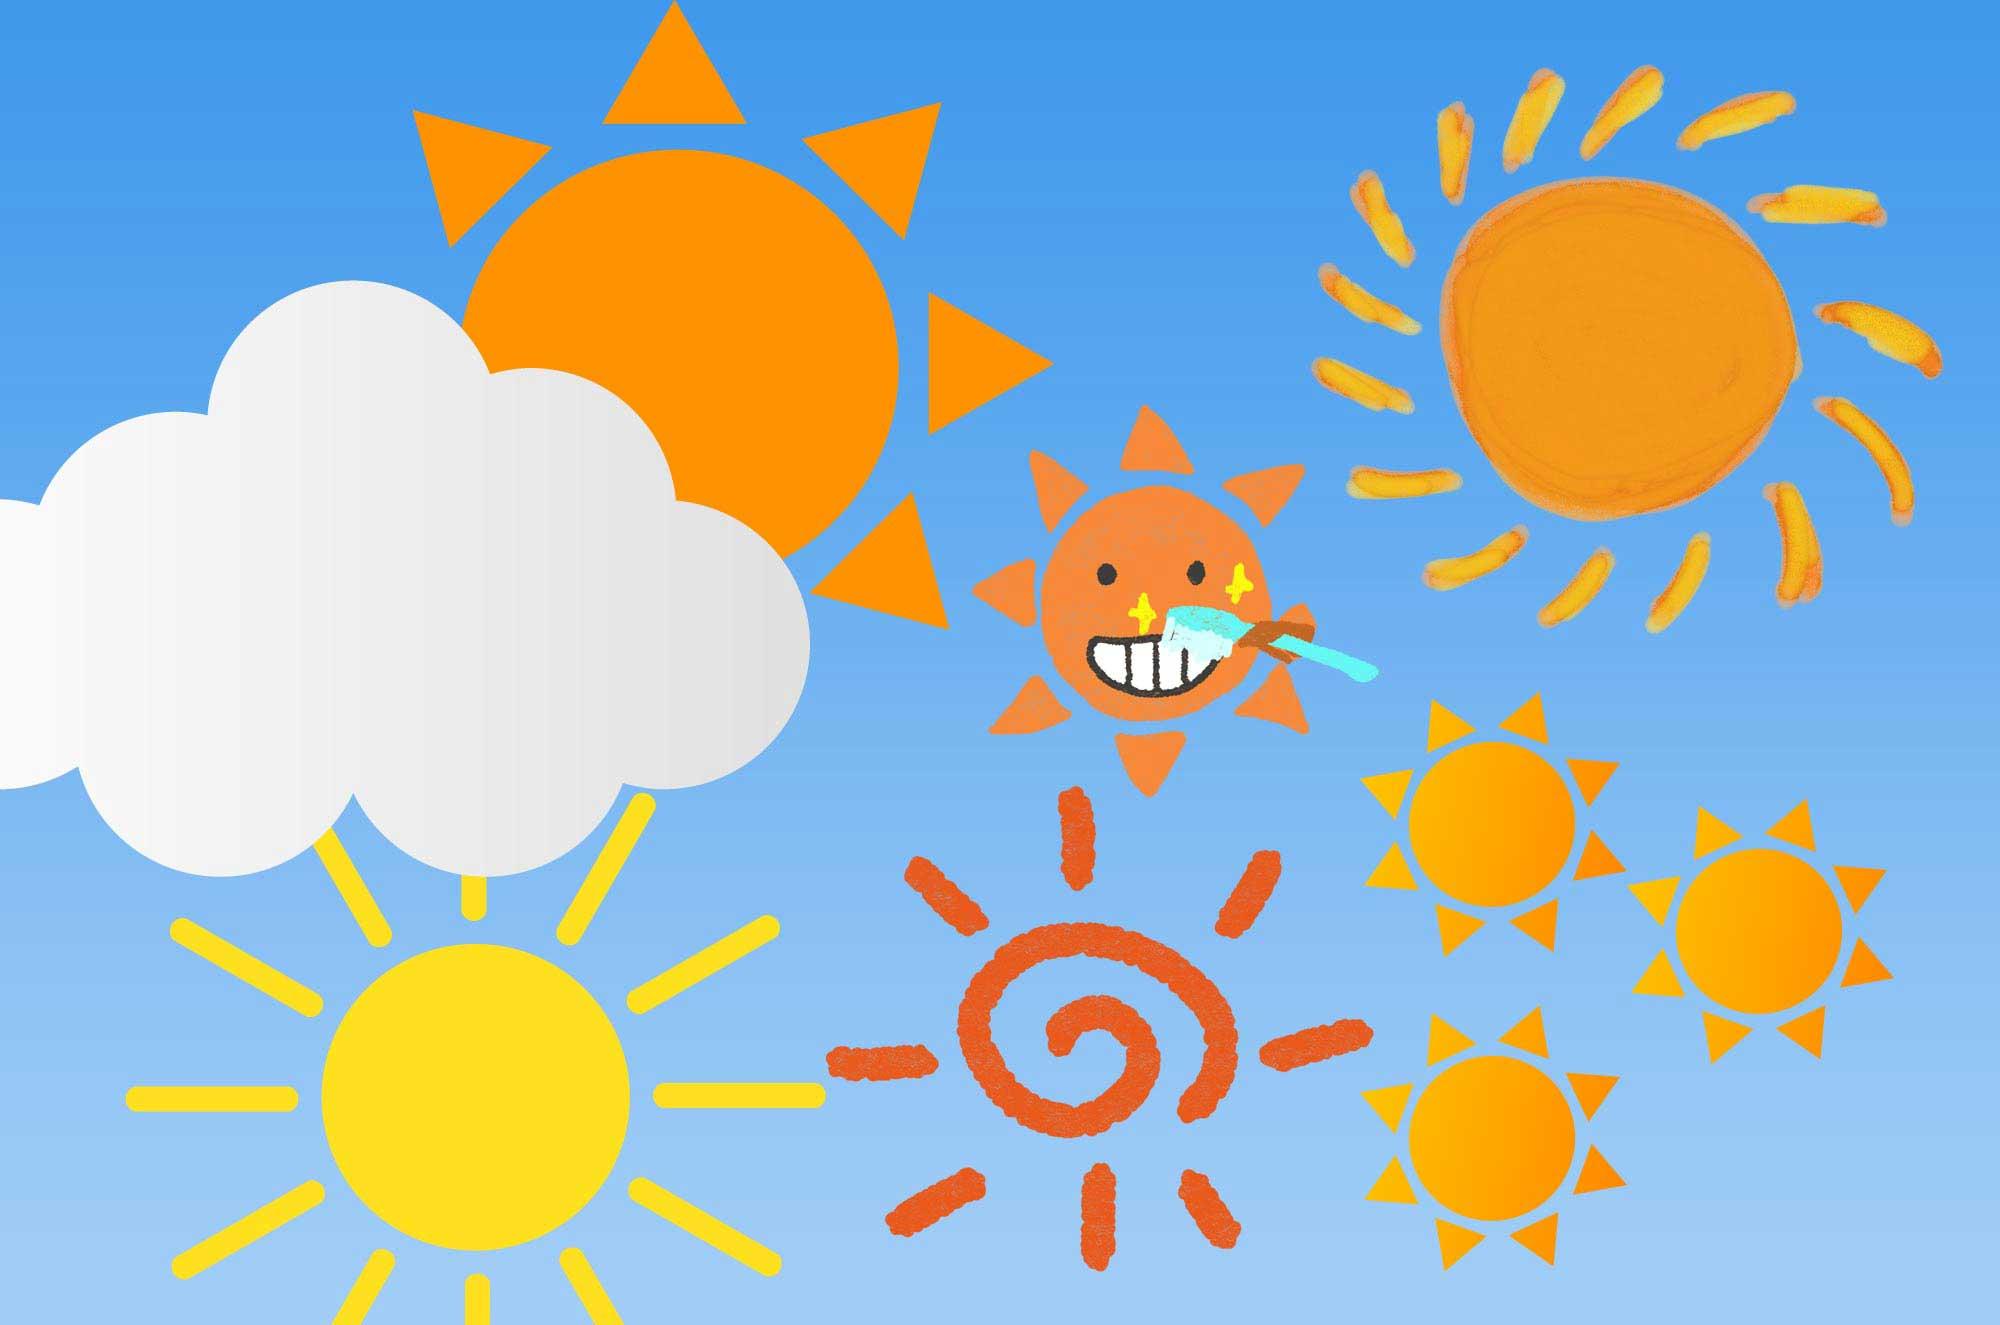 可愛い太陽のイラスト素材!ベクターから手書きまで